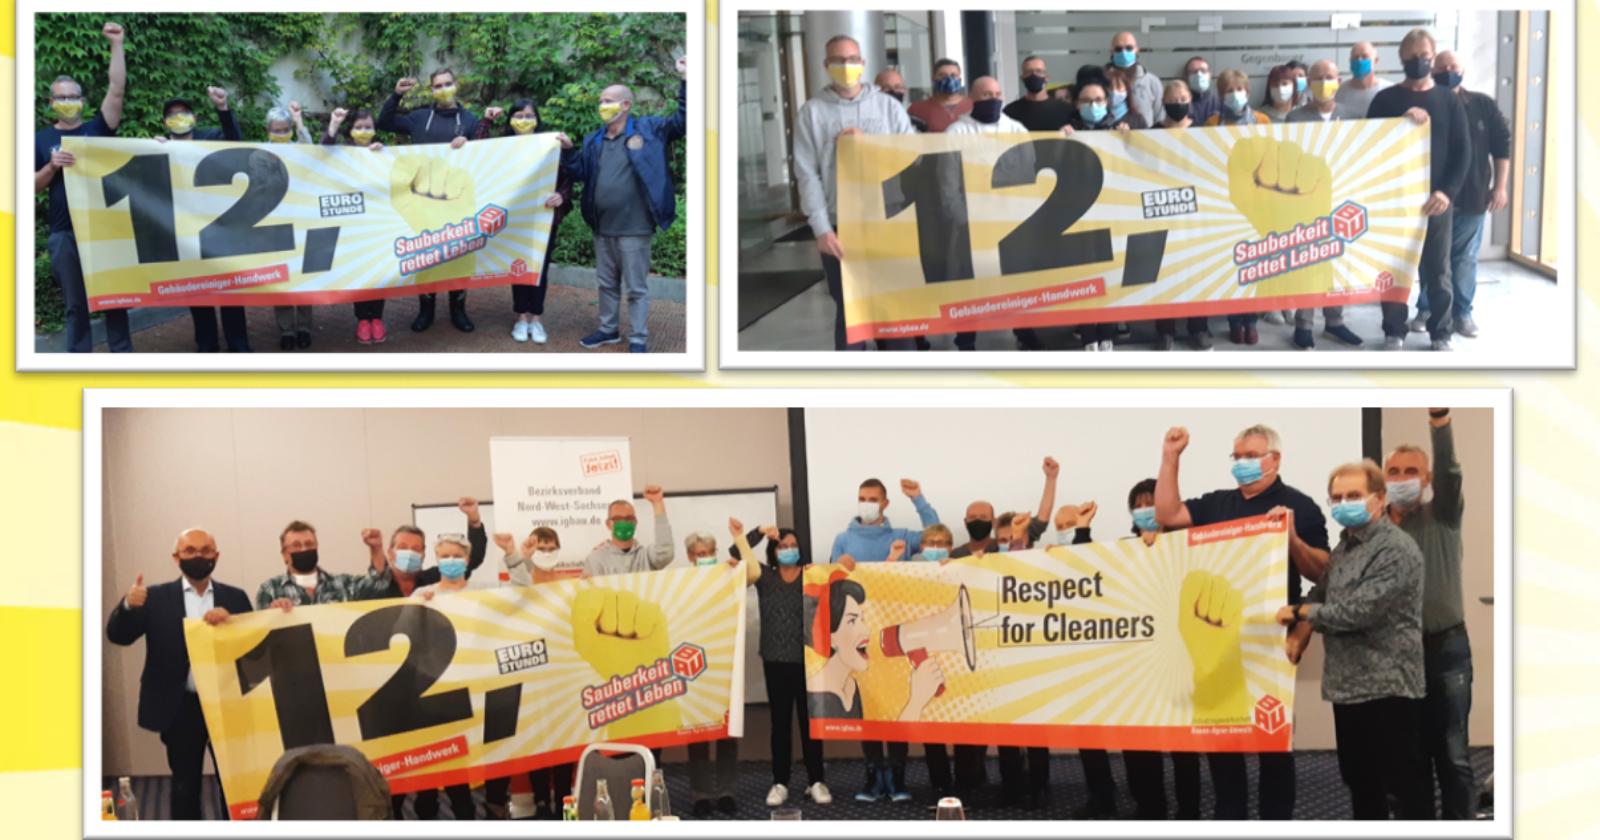 Gebäudereiniger – Handwerk: Heftige Diskussionen und Solidarität nach magerem Angebot der Arbeitgeber in Sachsen